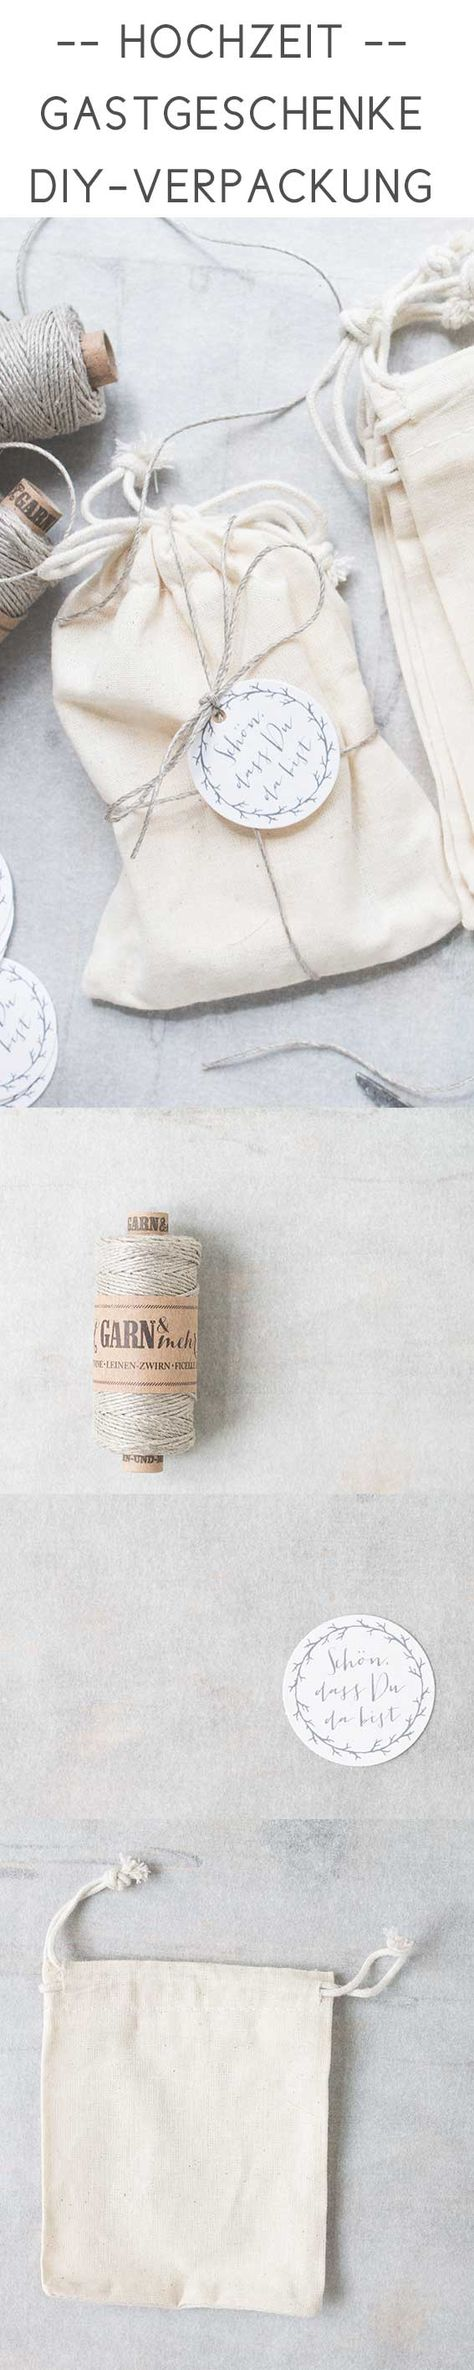 #give-aways #diy #verpackung #geschenk #gift #online bestellbar bei www.papierhimmel.com  #baumwollsäckchen #stoffbeutel #giveaways #hochzeit #gastgeschenke #guestfavors, #favorbags